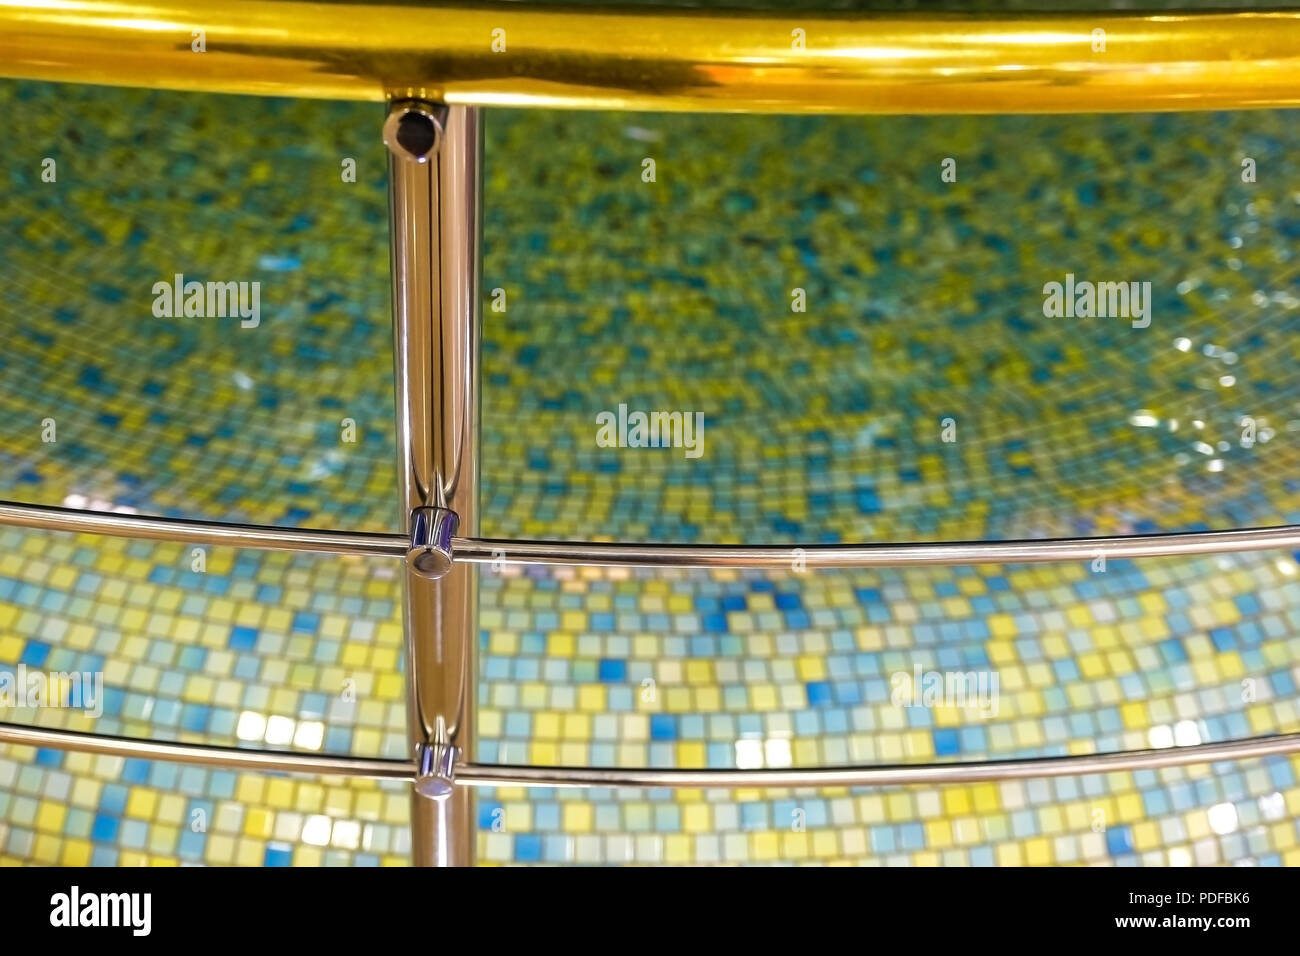 Chrom Zaun des Pool, Promenade Geländer und Wasser Pool als Dekor. Mosaik, Interior Design. Wasser Oberfläche. Stockfoto